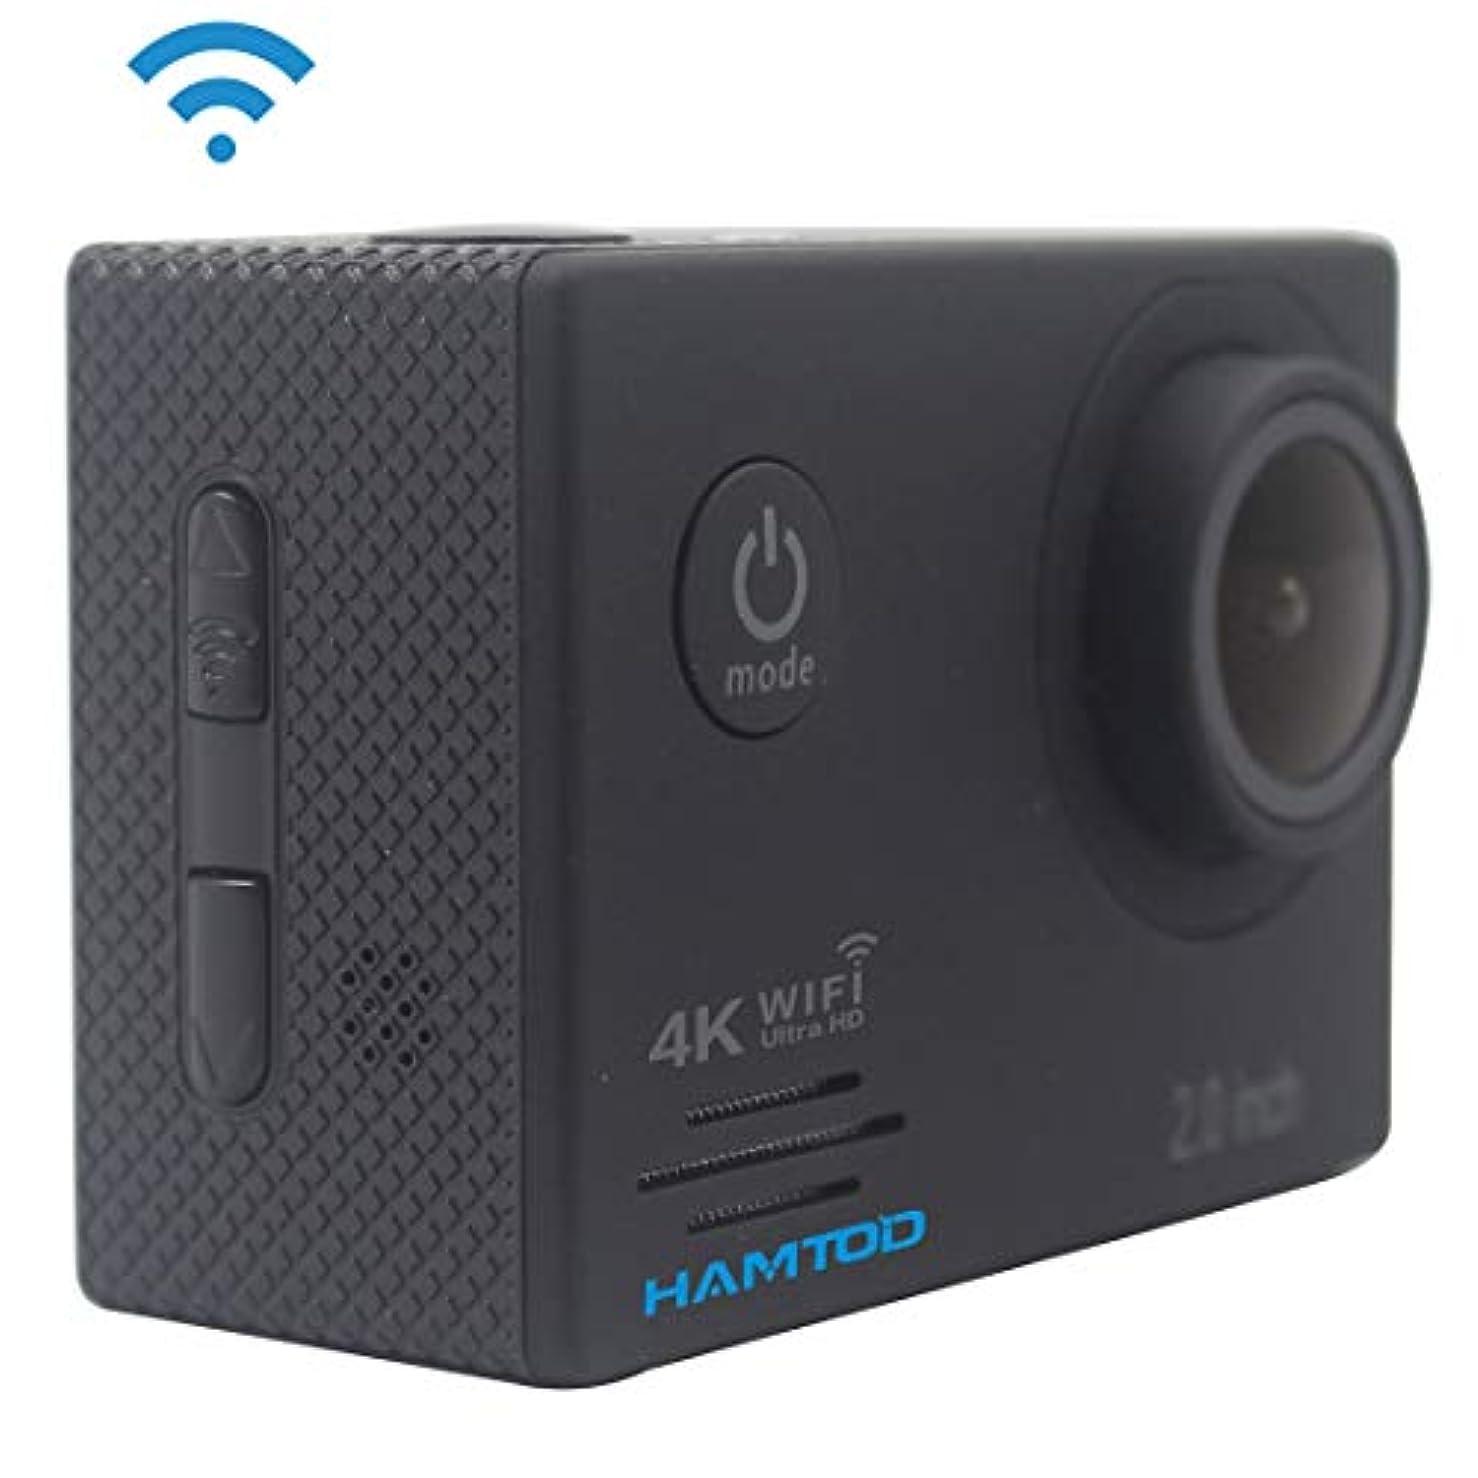 ブルジョン線しないCamera 防水ケース付きHF60 UHD 4K WiFi 16.0MPスポーツカメラ、Generalplus 4247、2.0インチLCDスクリーン、120度広角レンズ、シンプルなアクセサリー(ブラック)を強くお勧めします (Color : Black)